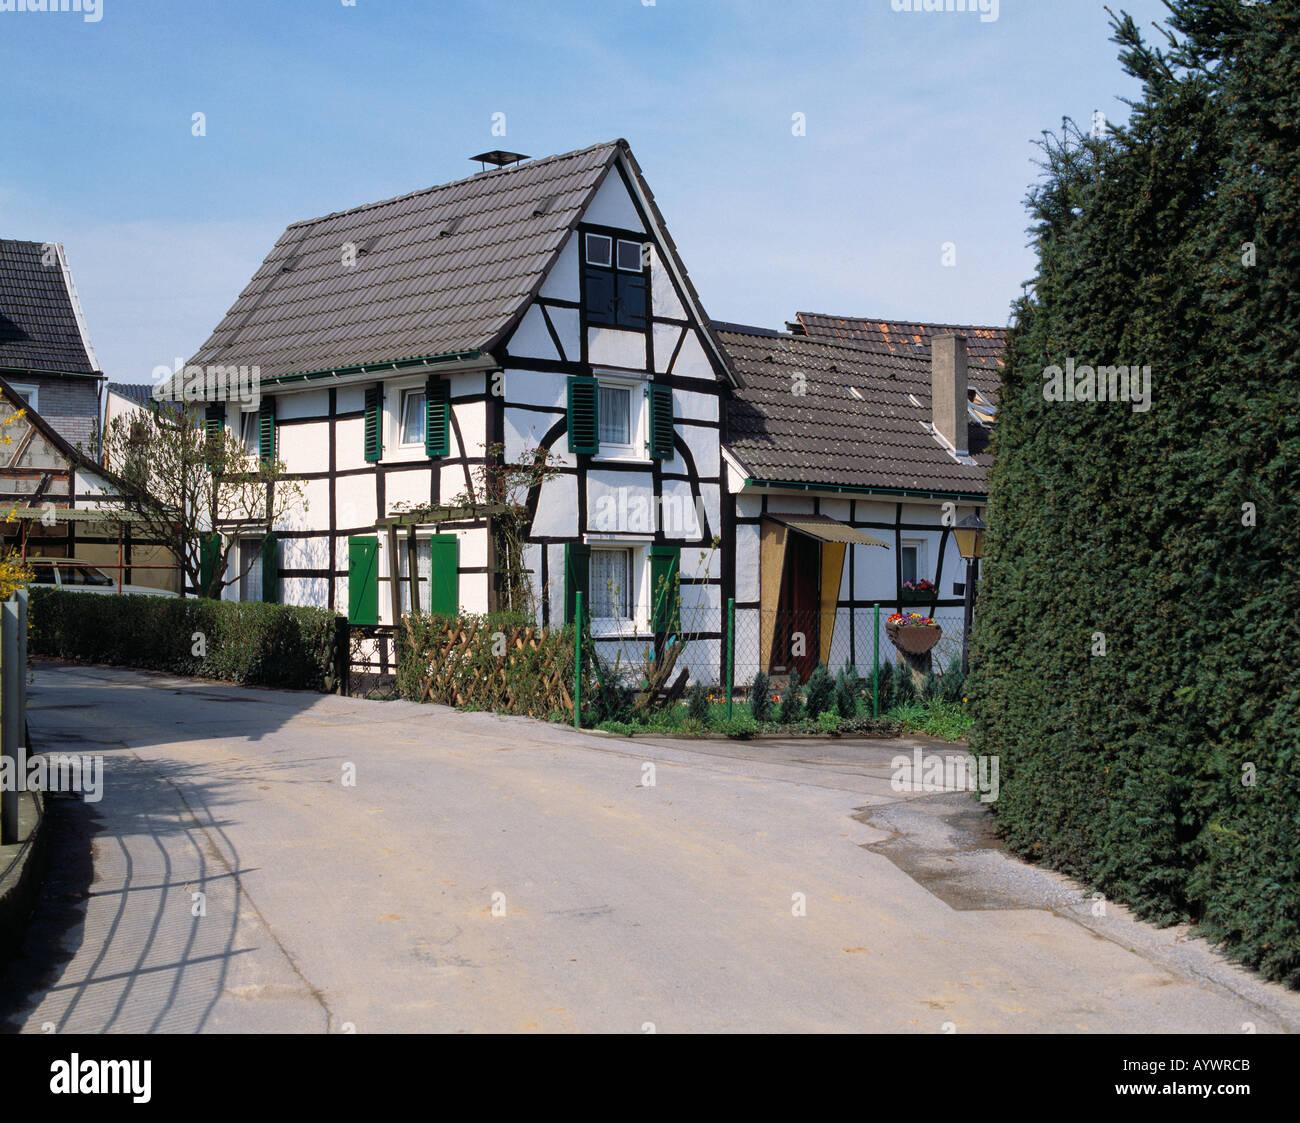 kleines fachwerkhaus dorfidylle in witzhelden wersbach leichlingen stock photo royalty free. Black Bedroom Furniture Sets. Home Design Ideas